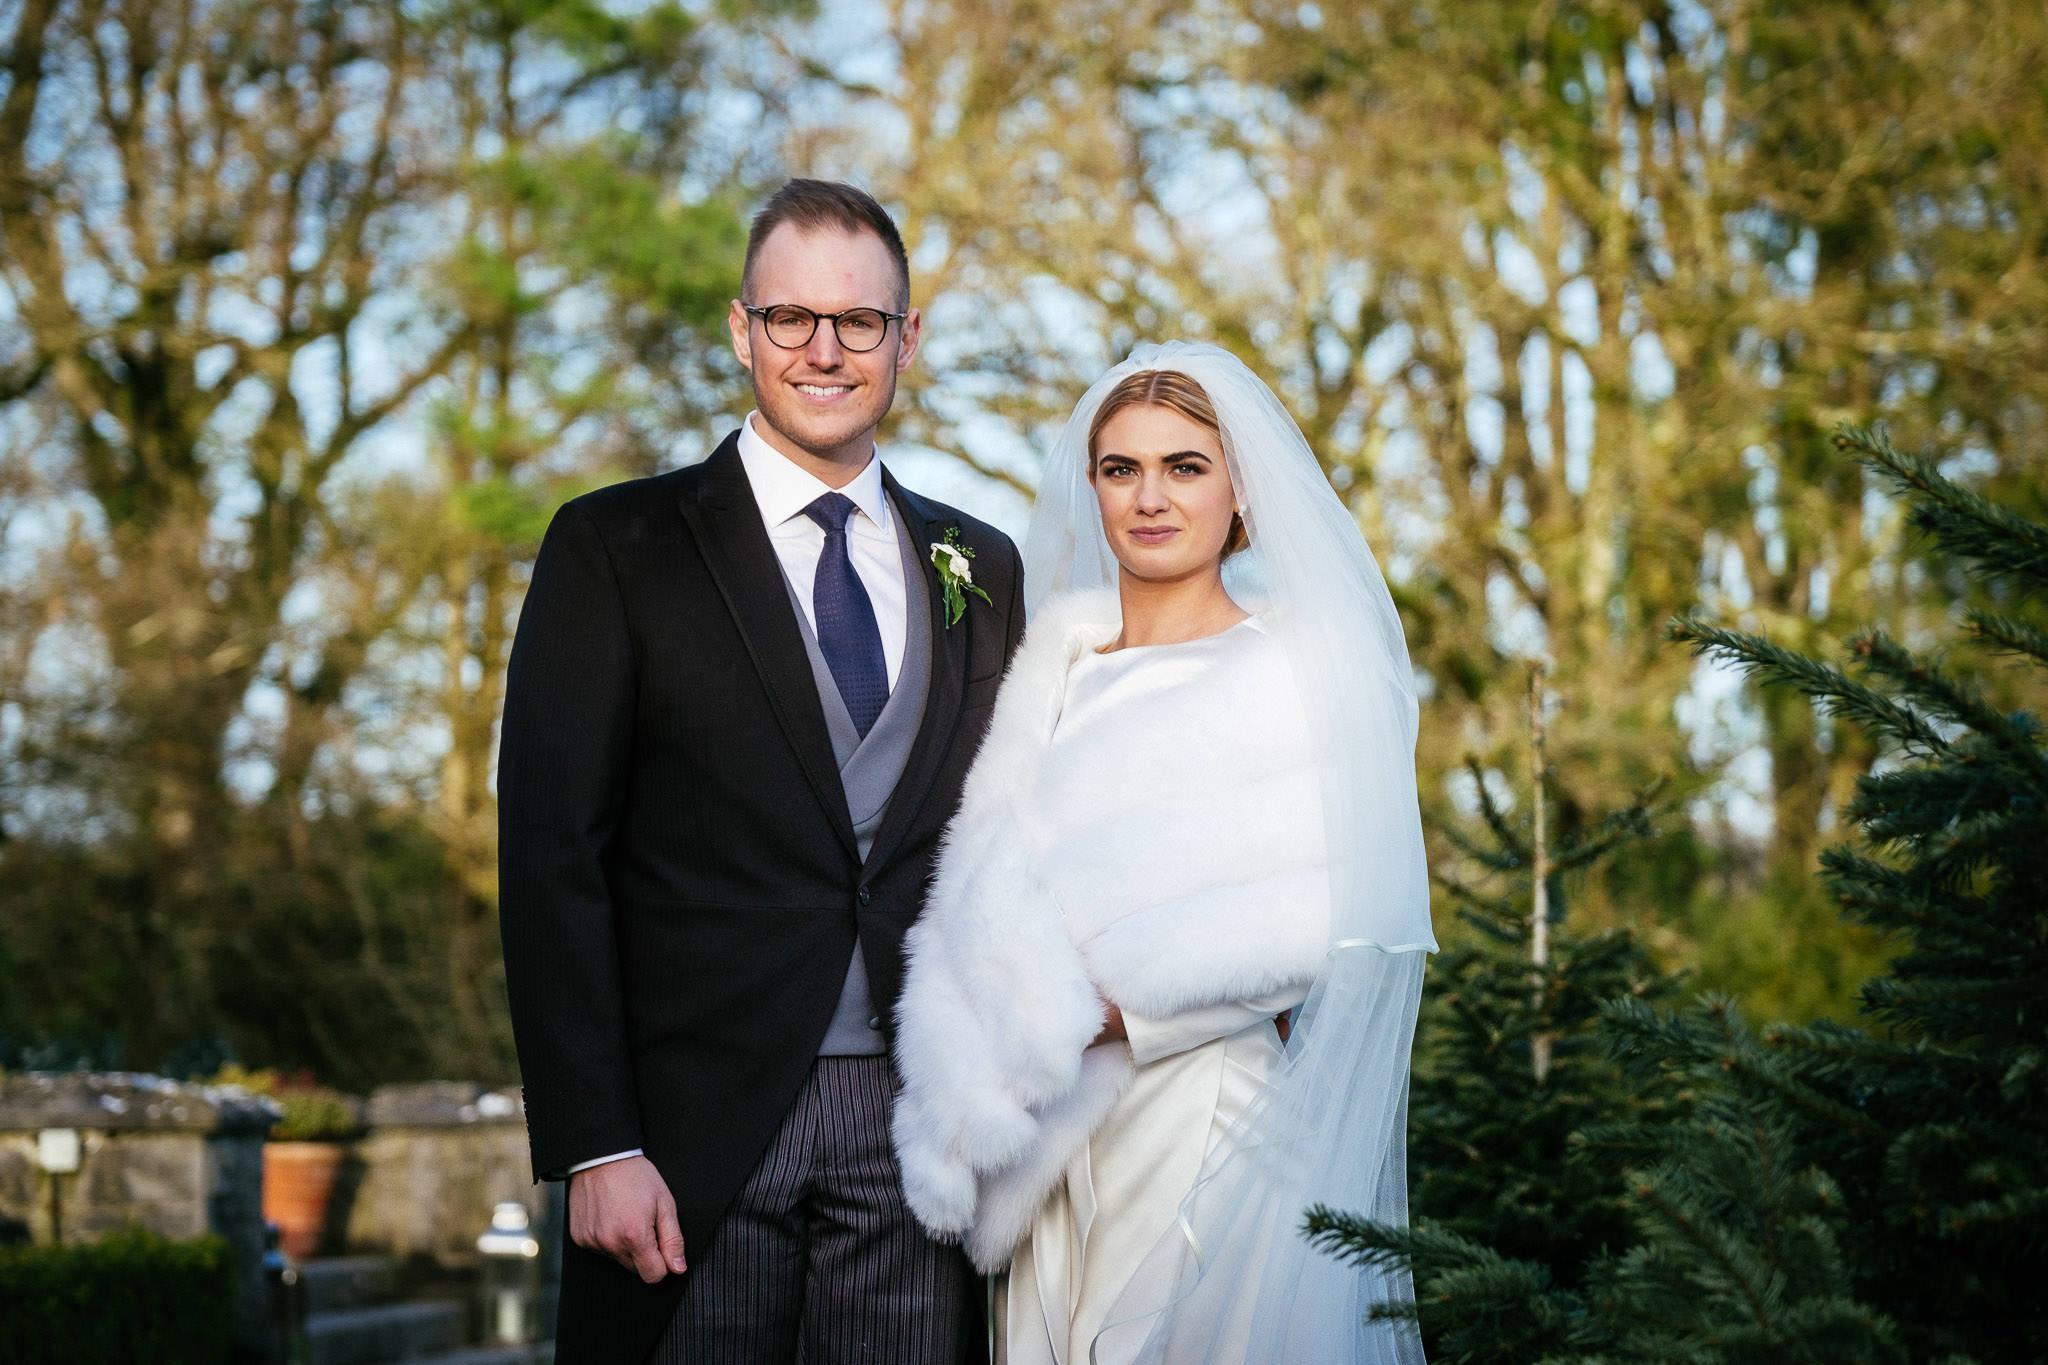 bride and groom looking at camera at Virginia Park Lodge wedding